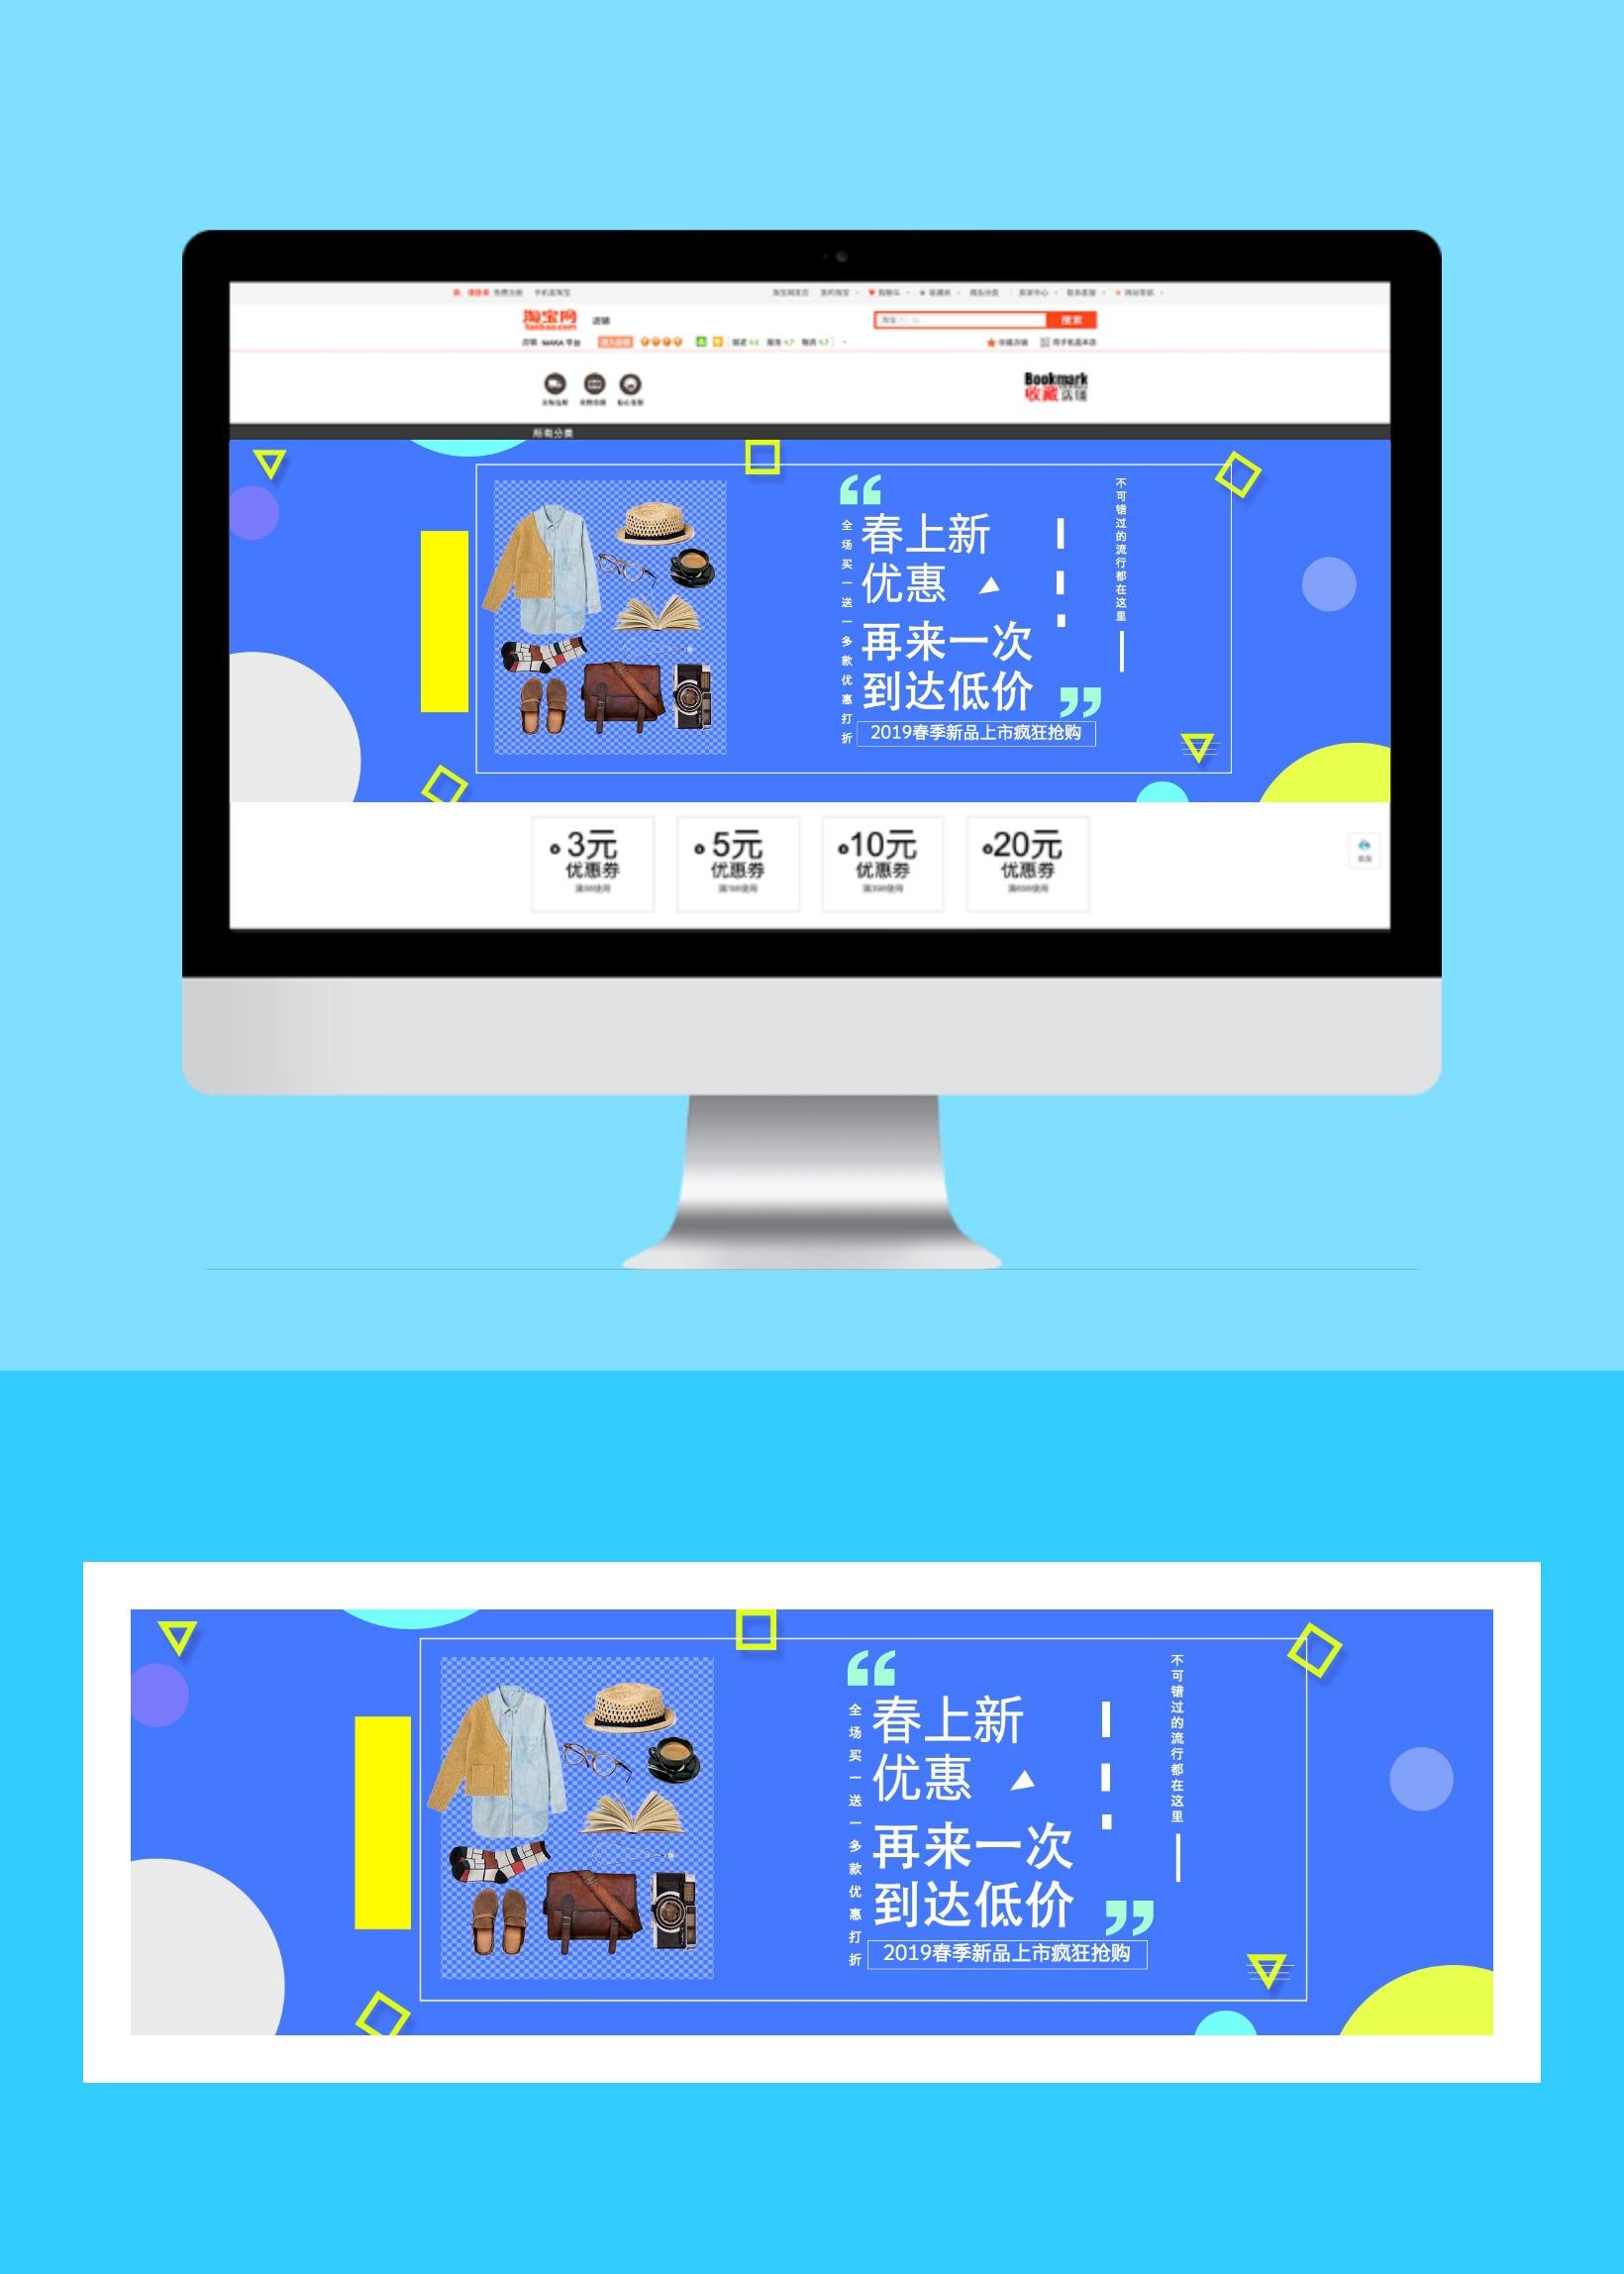 新春扁平化服饰箱包服饰电商产品促销宣传banner